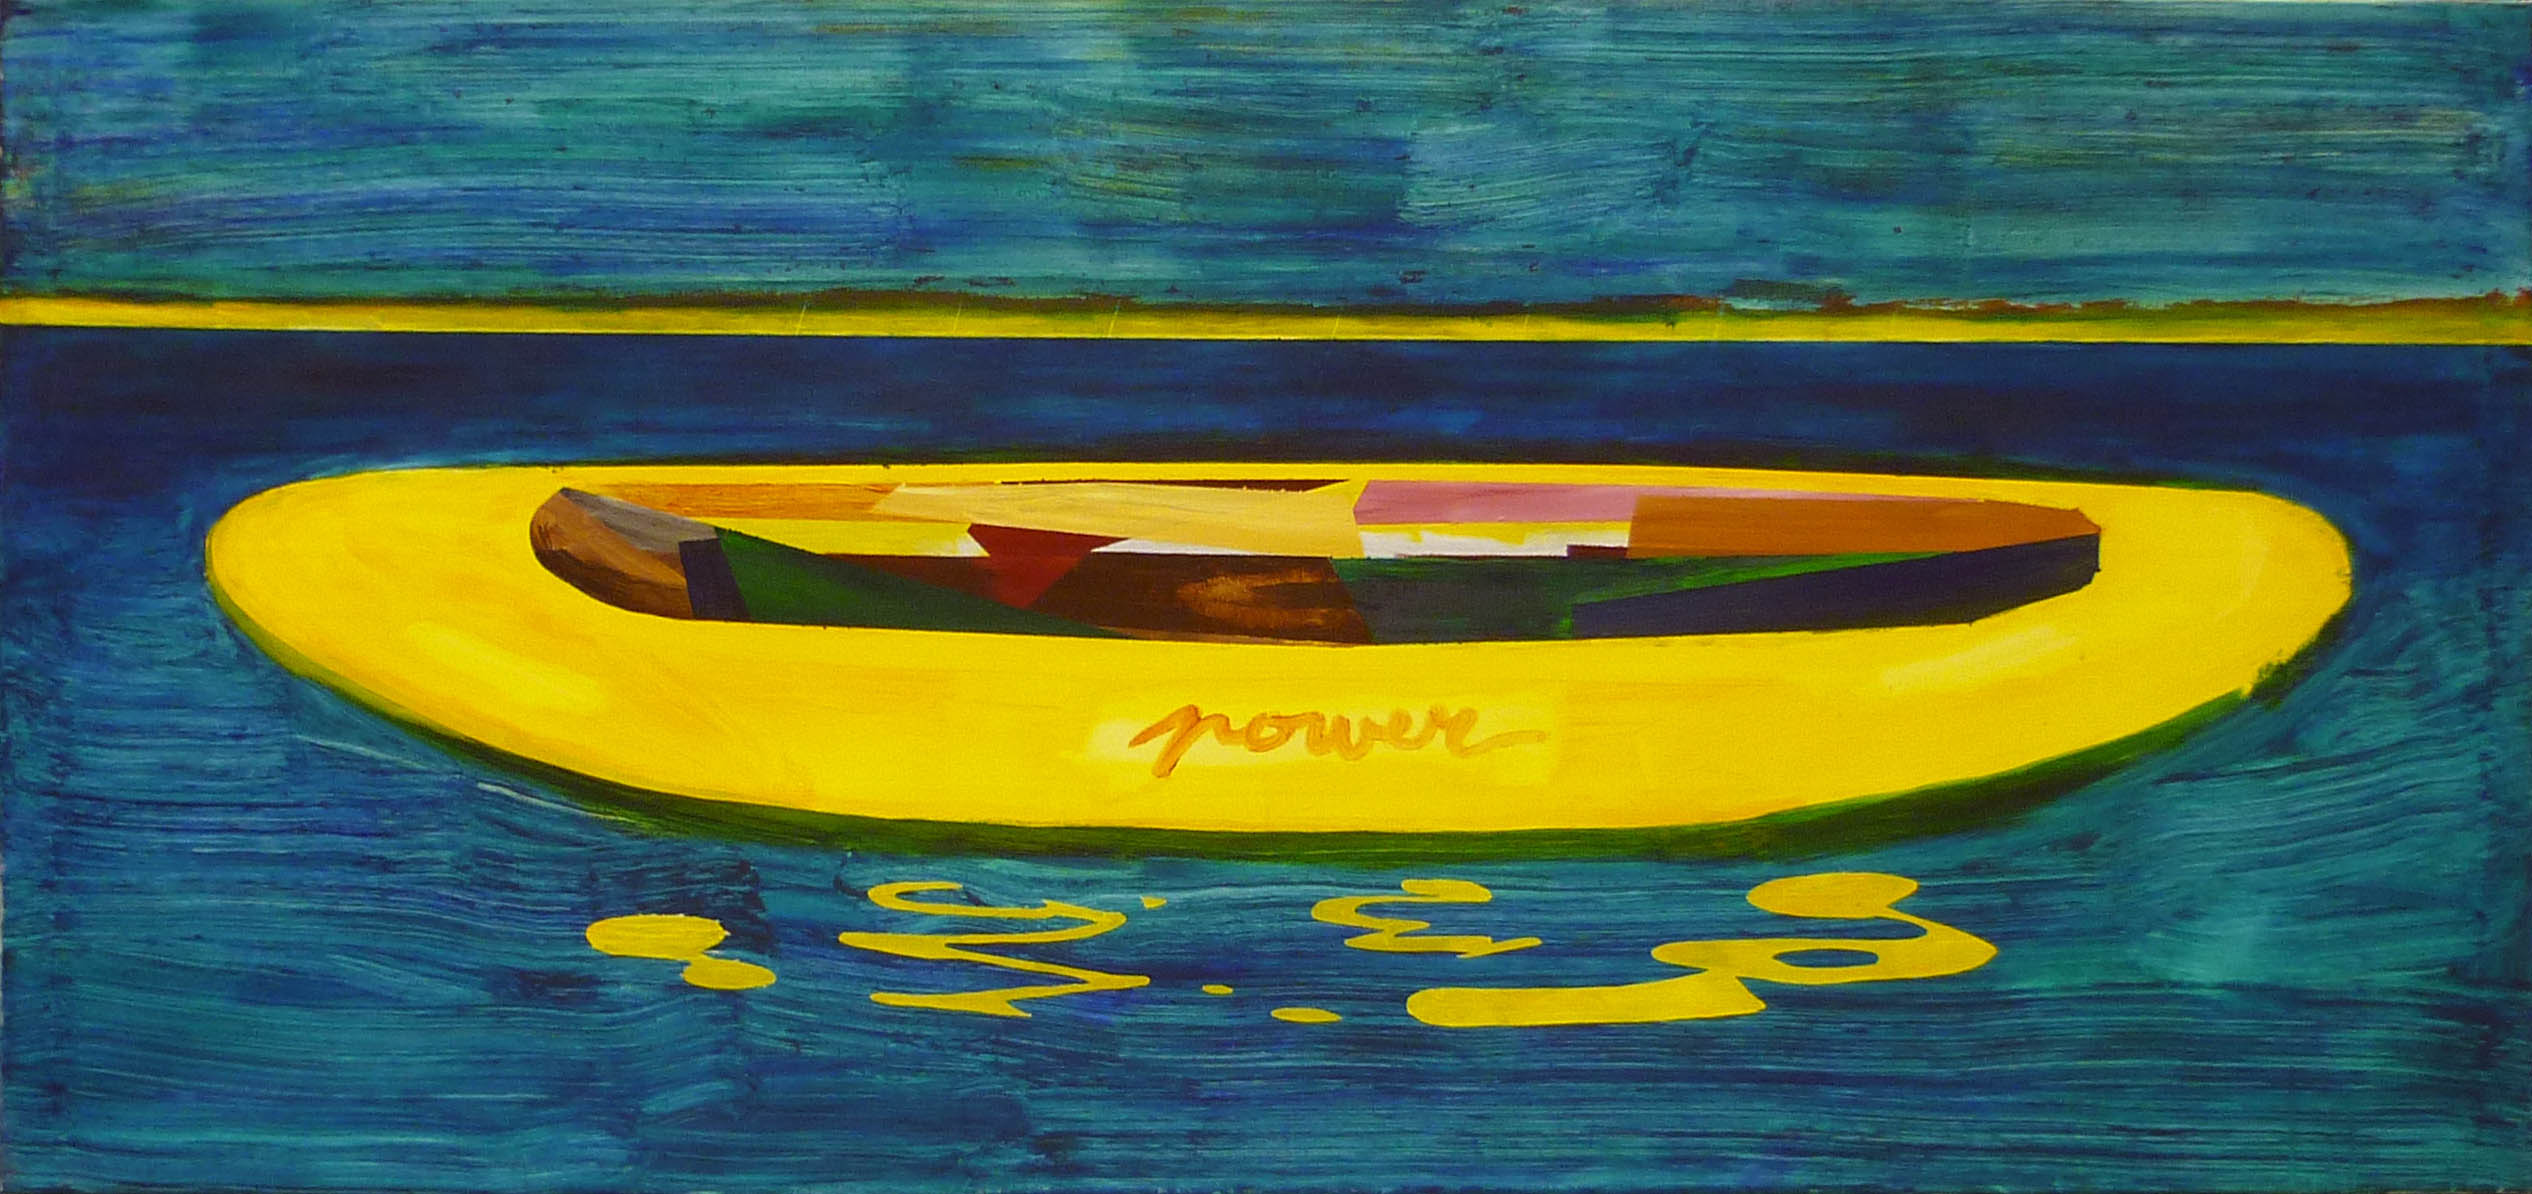 kánoj / canoe, akryl na plátně / acrylic on canvas, 190x90 cm, 2012